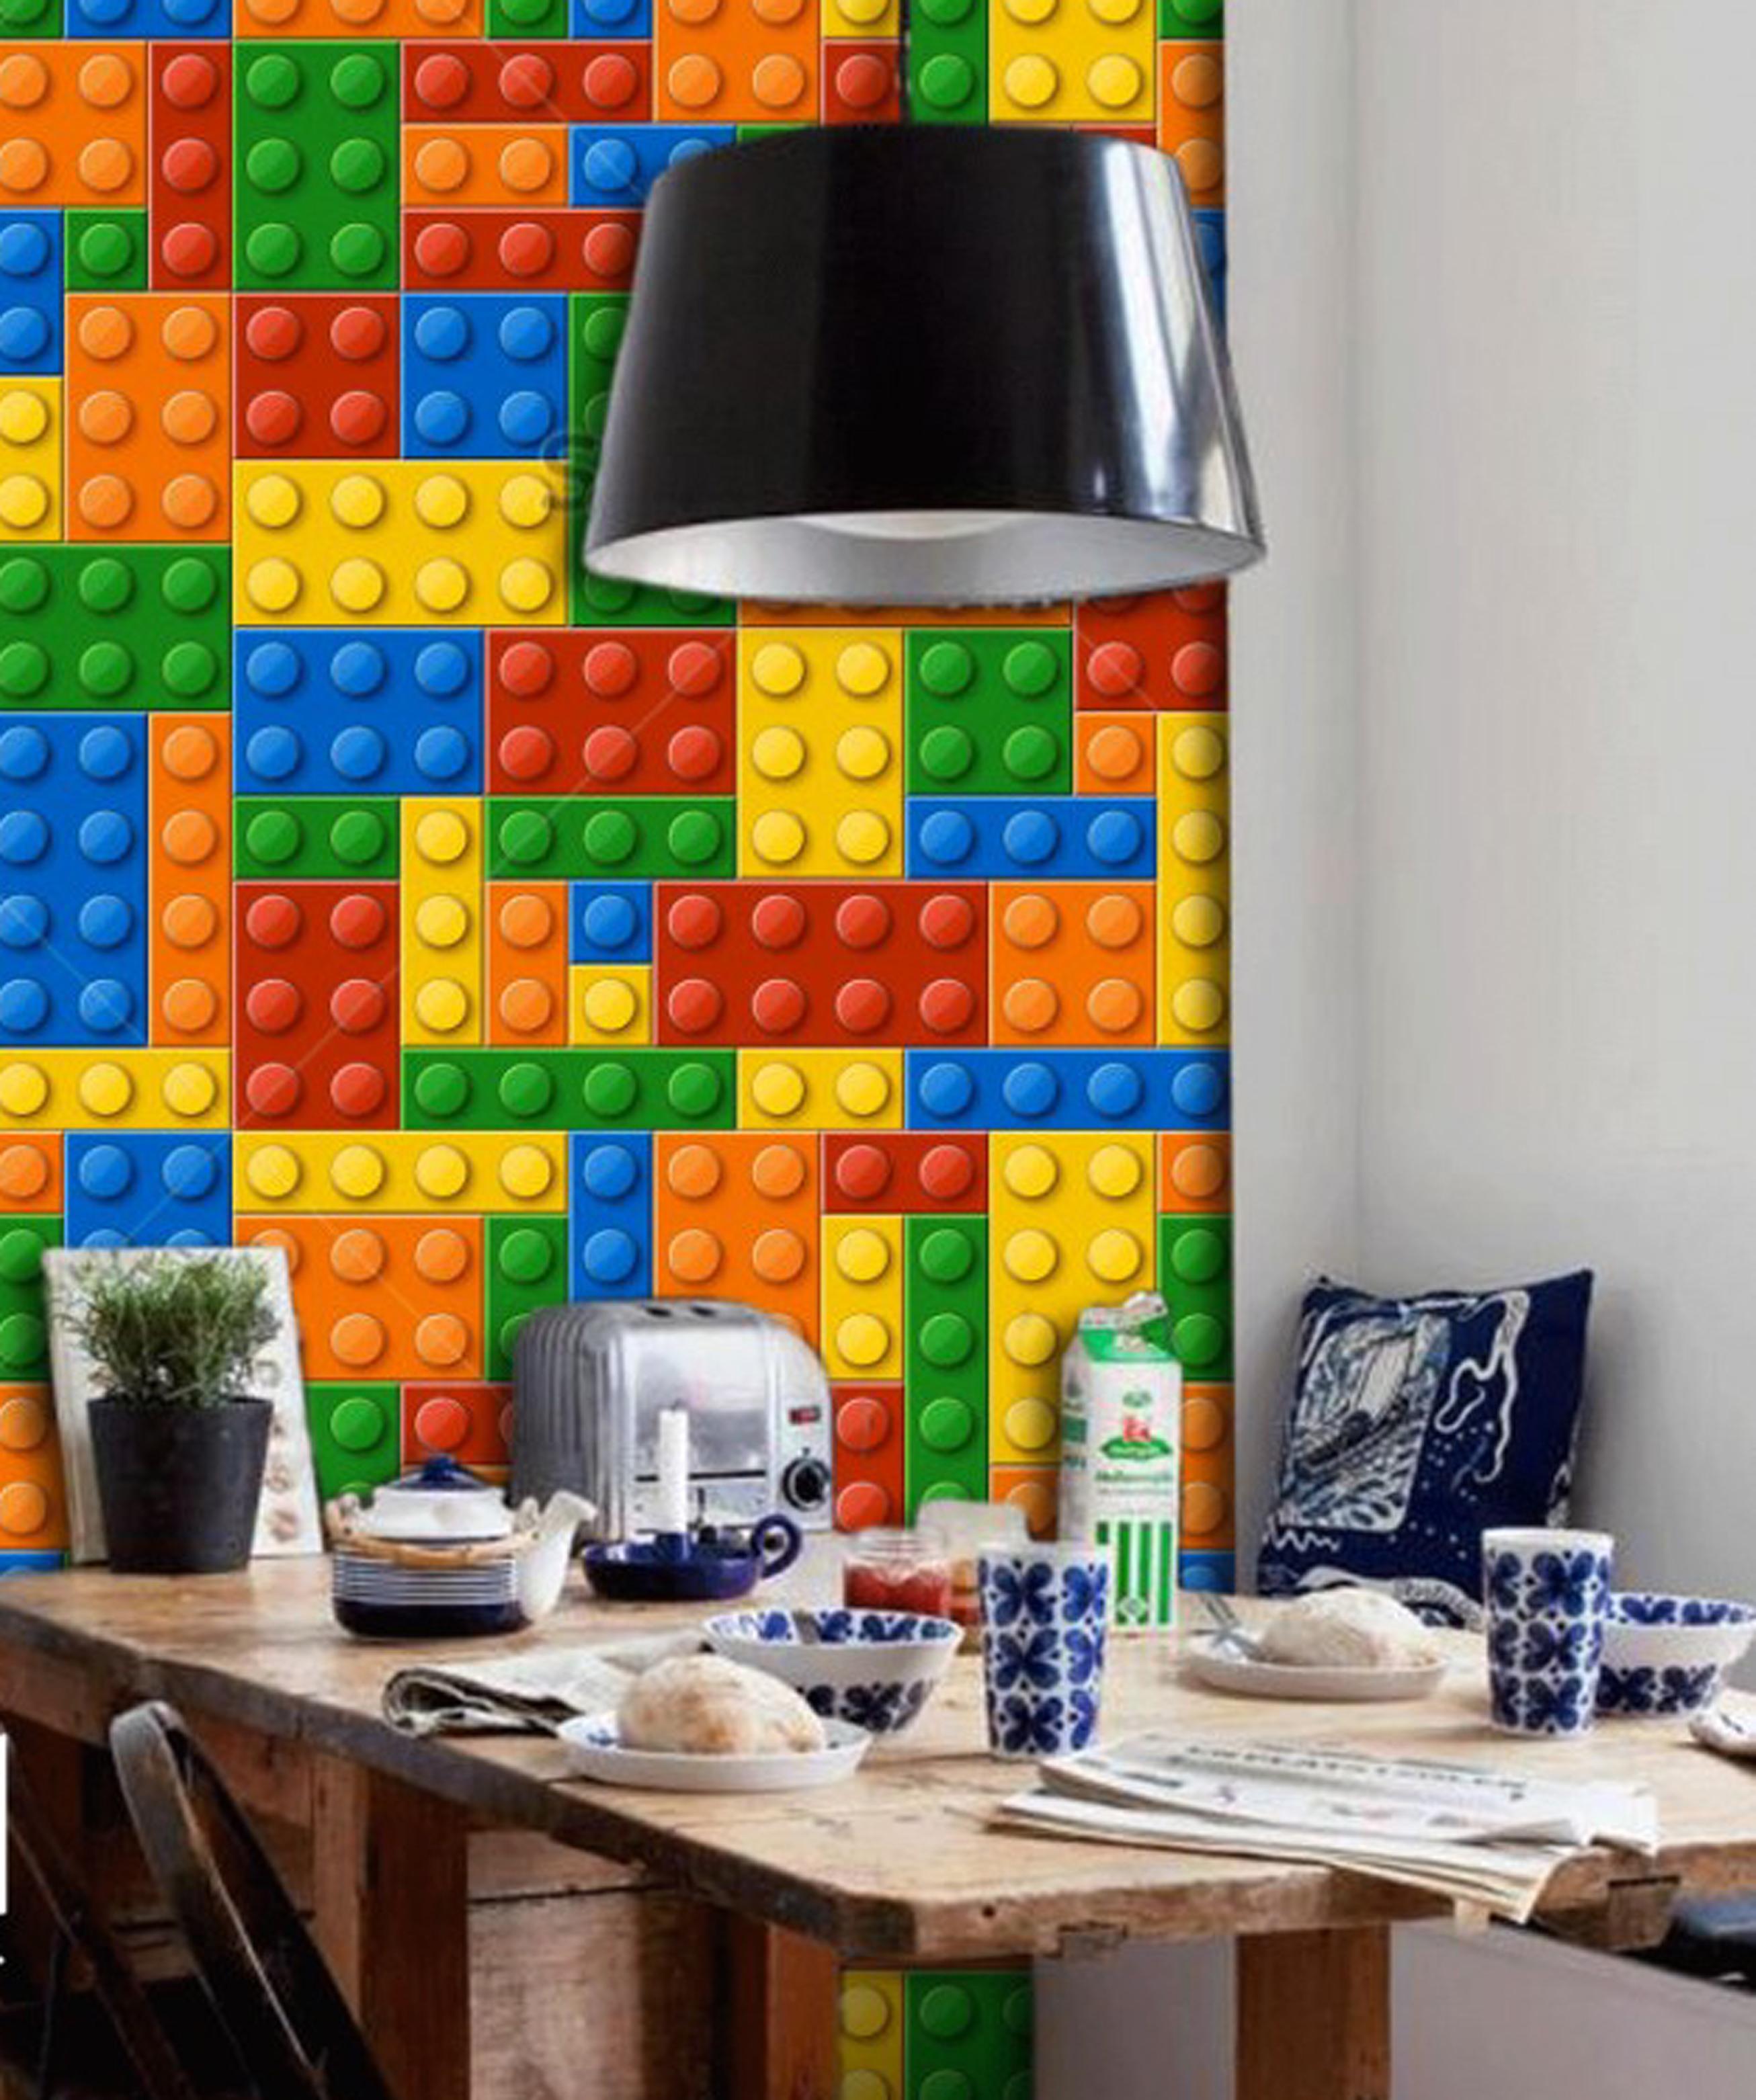 Lego mania vogliacasavogliacasa for Lego arredamento